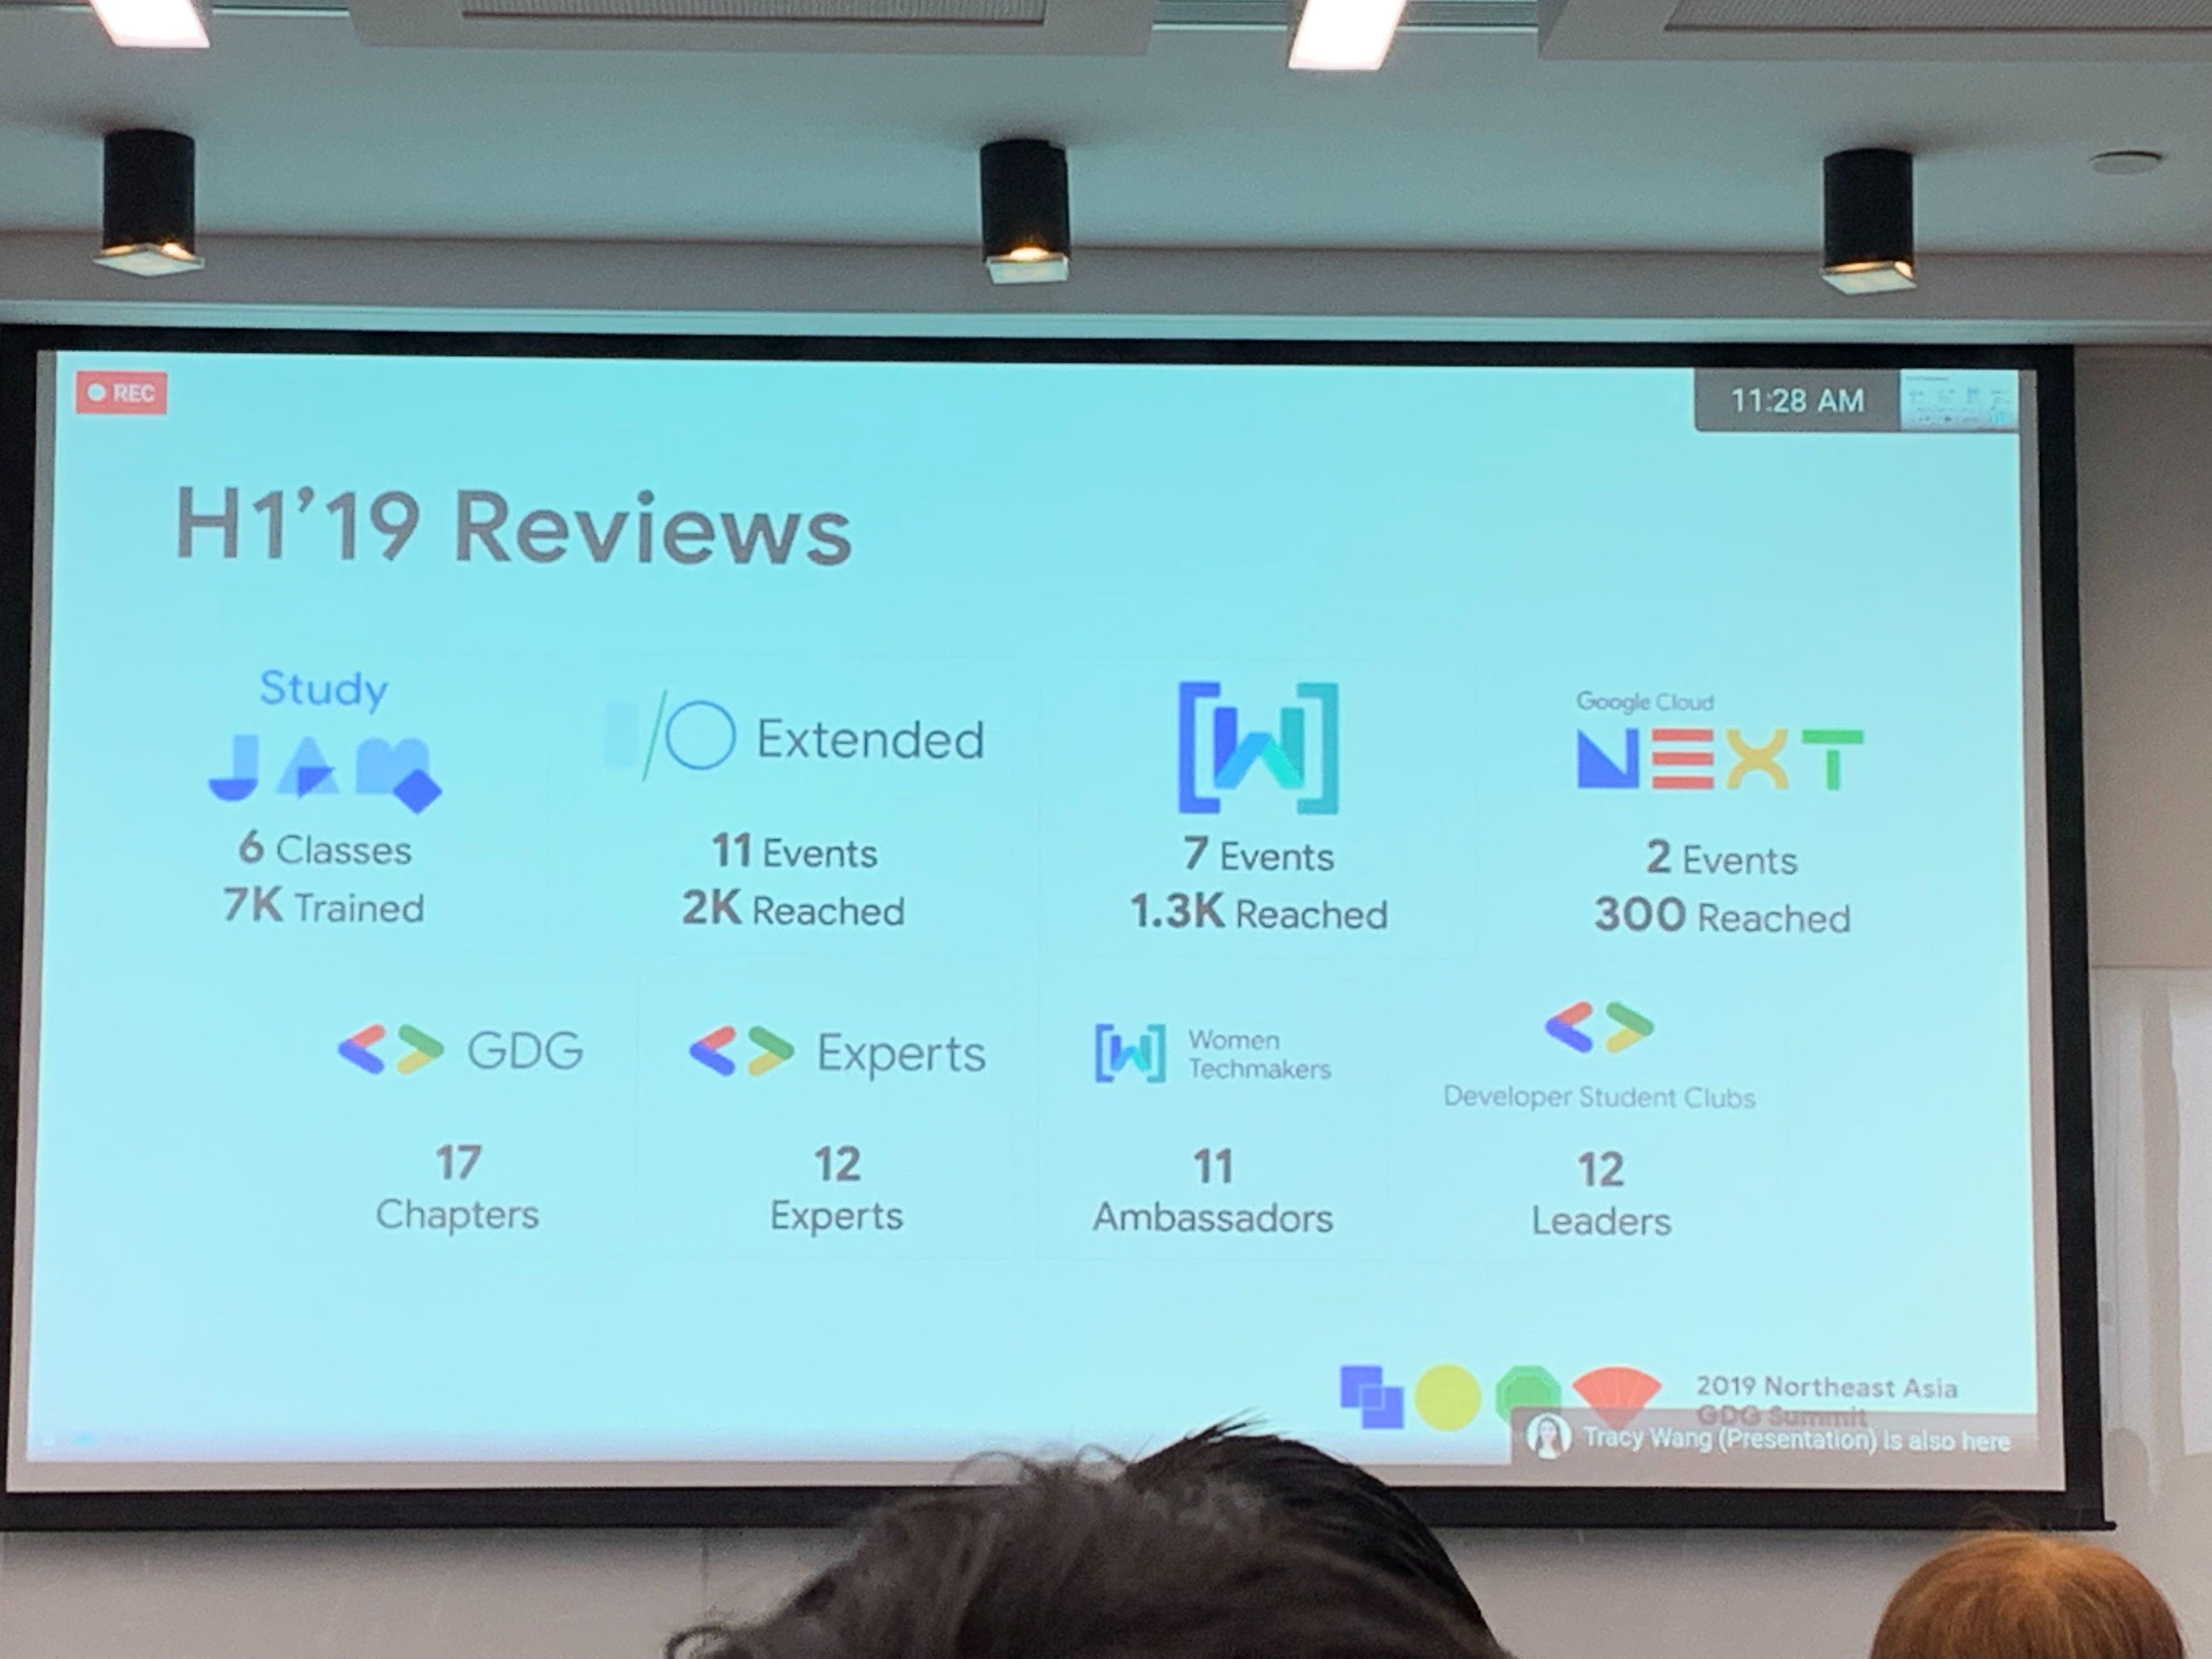 Regional Update에서 발표된 2019년 상반기 한국 GDG 커뮤니티의 성과